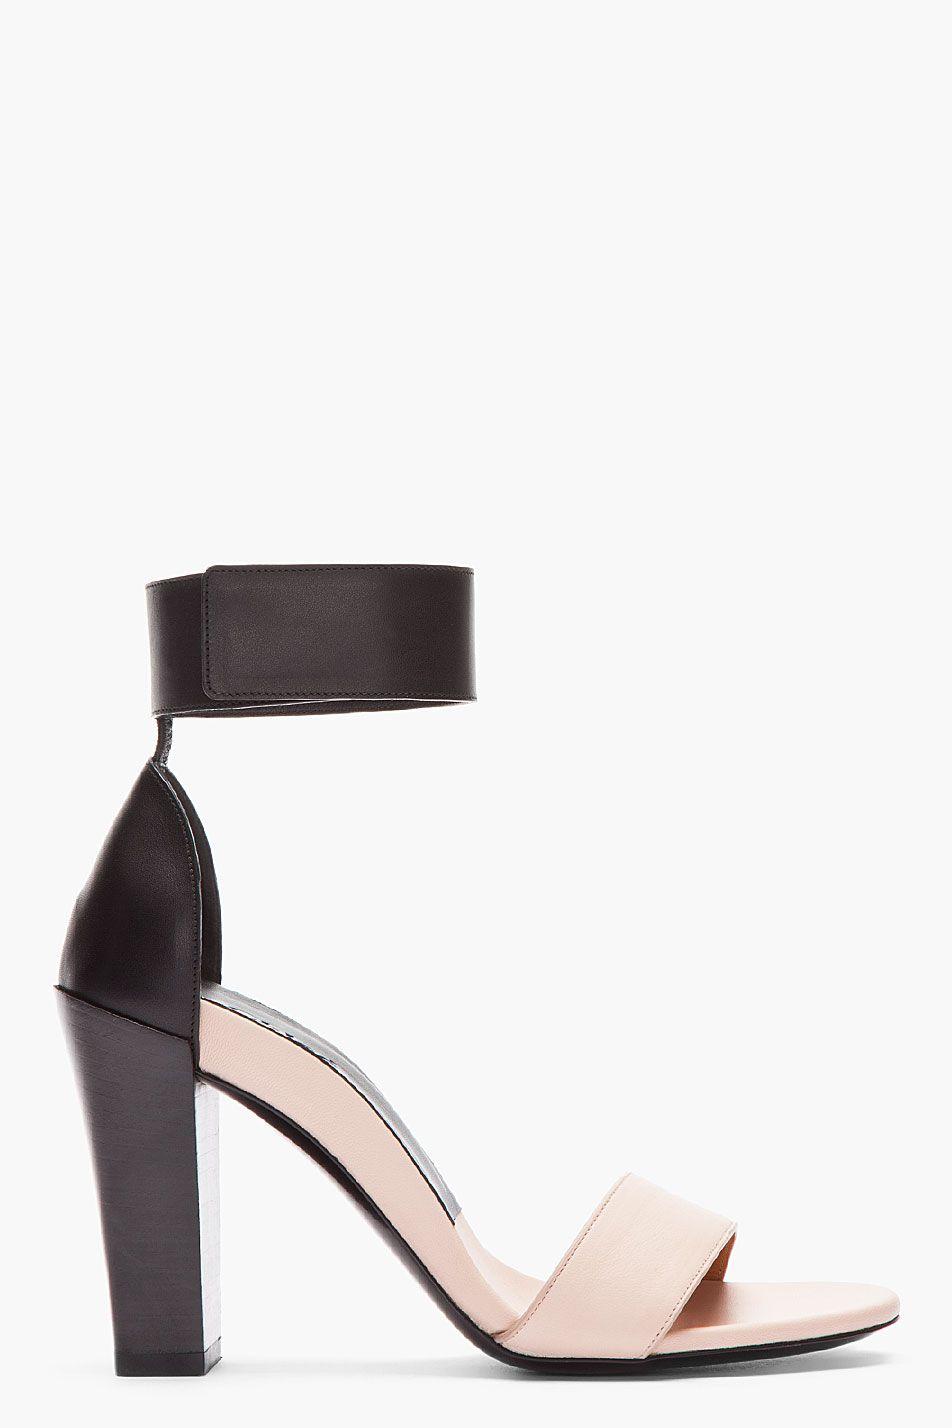 outlet cheap online sale online Chloé Bicolor Ankle Strap Sandals 8fcUl